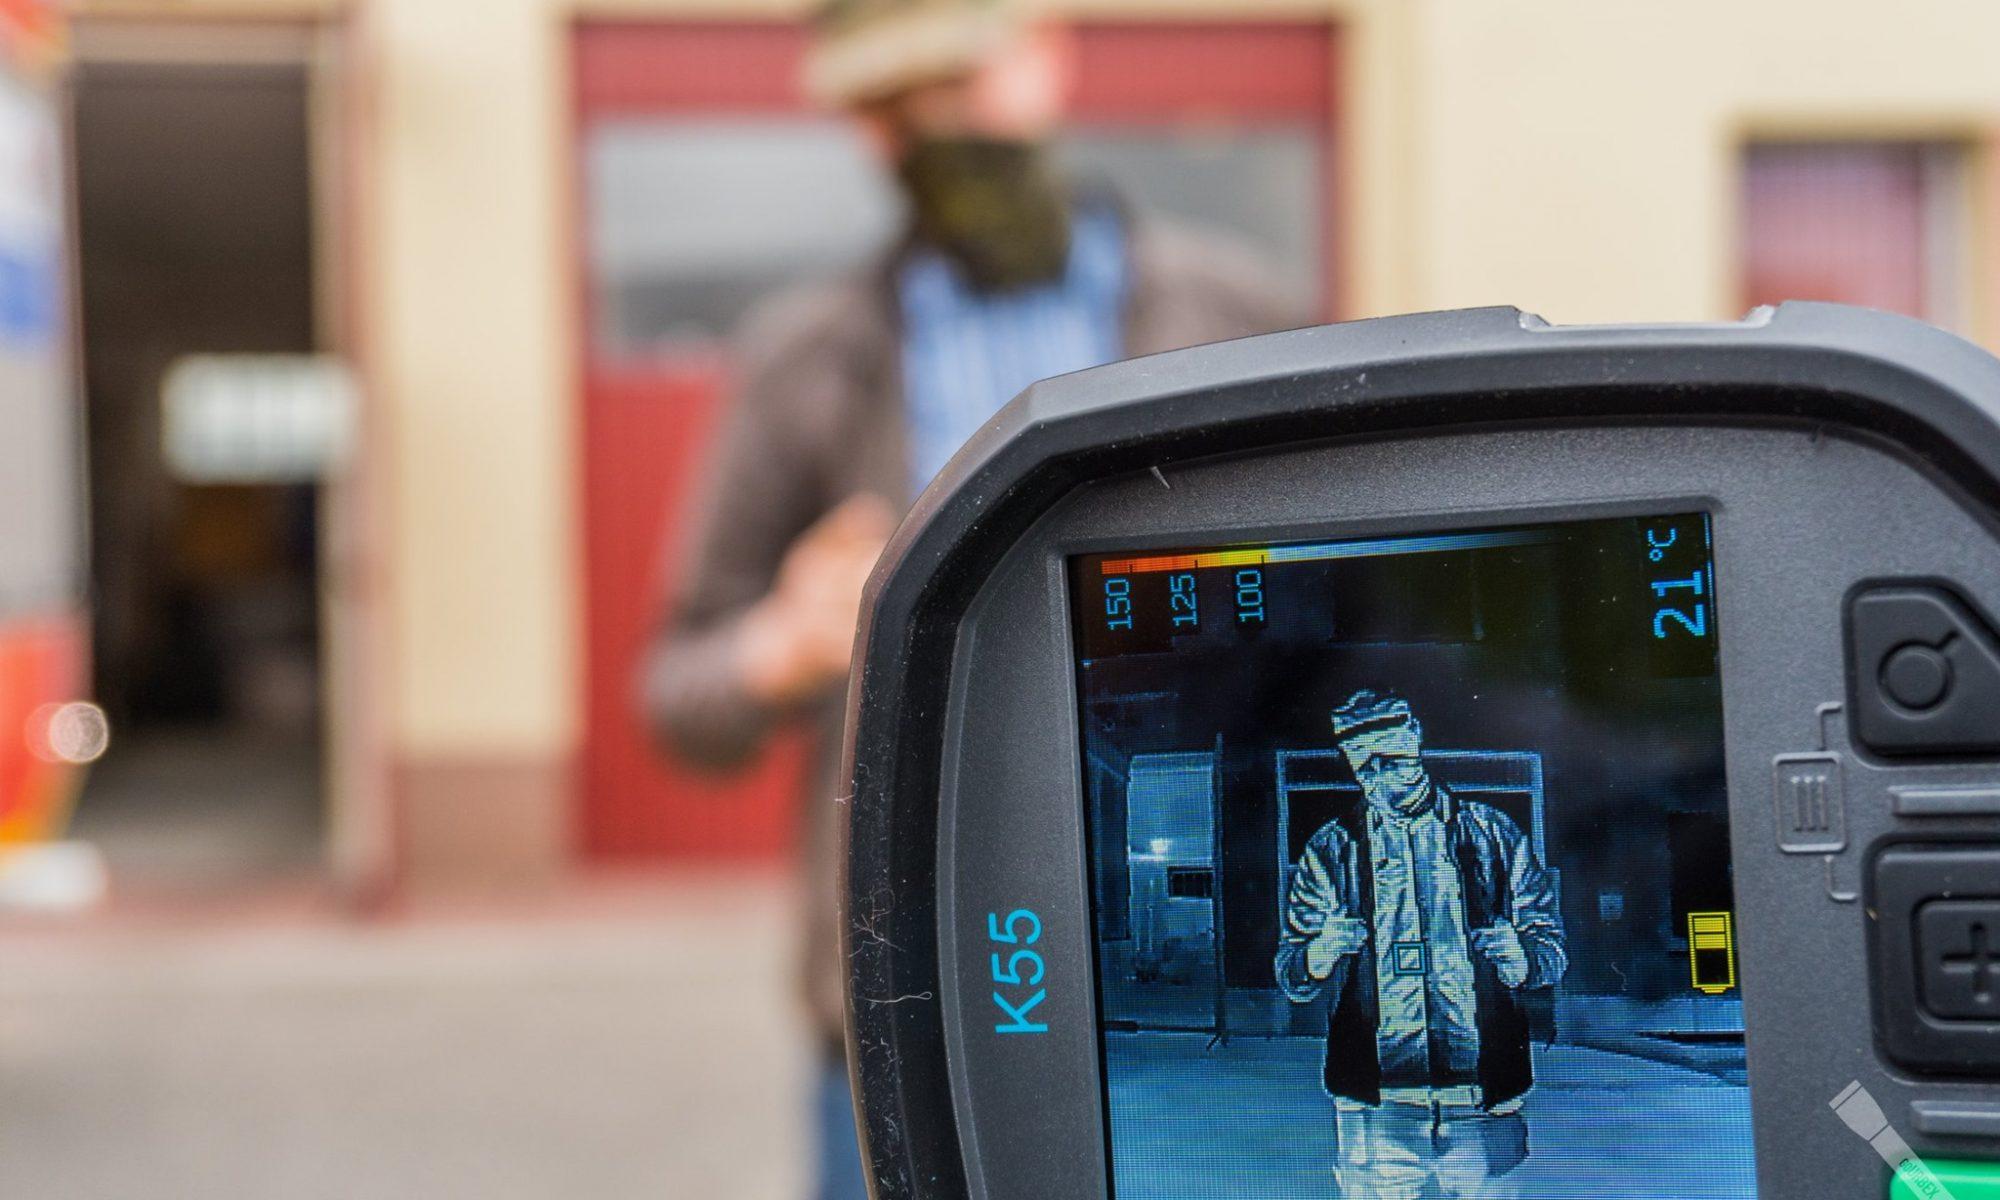 Tak wygląda urbexowicz widziany kamerą termowizyjną :D